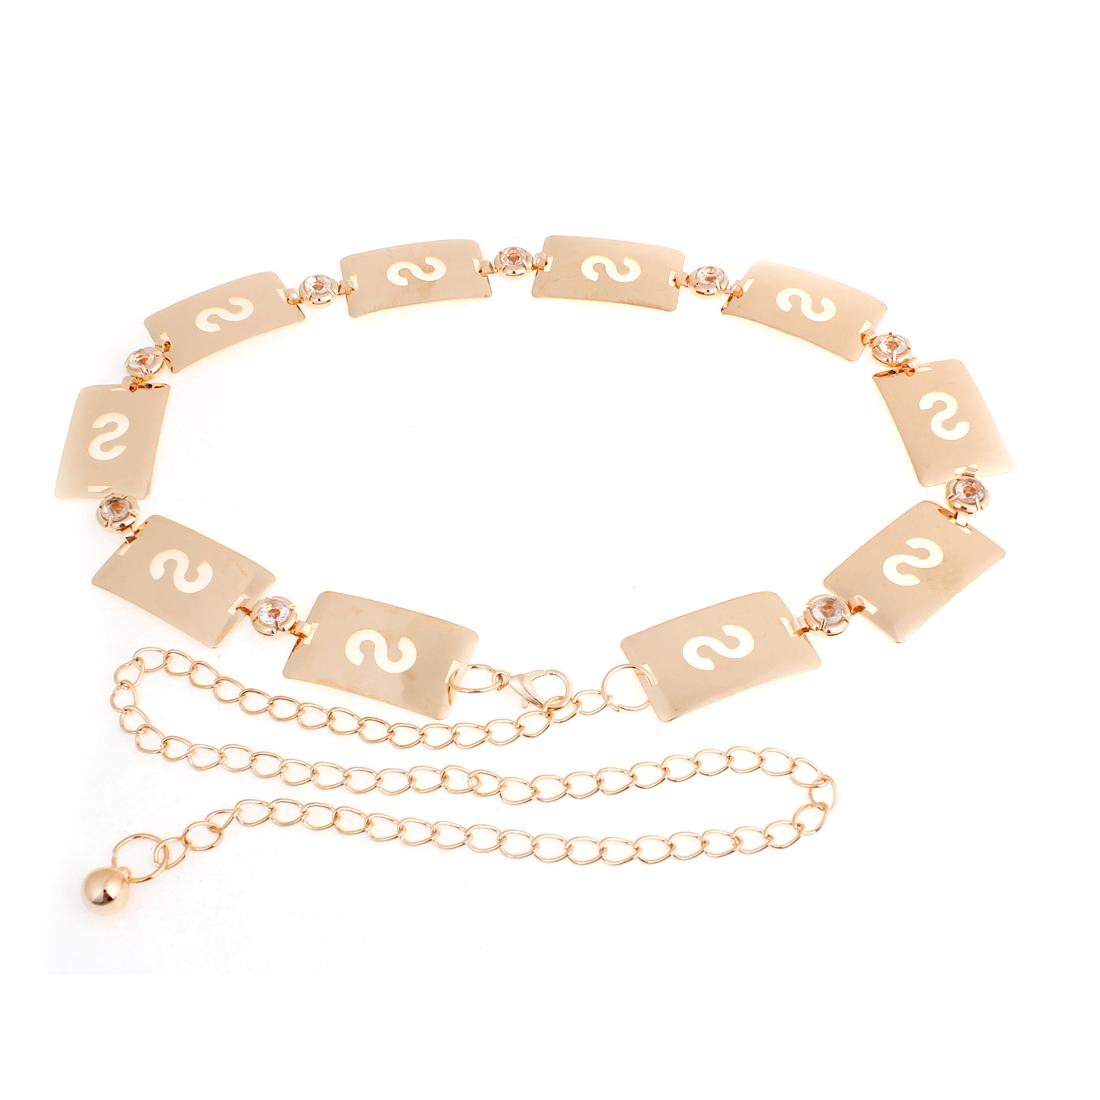 Gold Tone Lobster Closure Rectangular Metal Decor Waist Belt Chain for Women